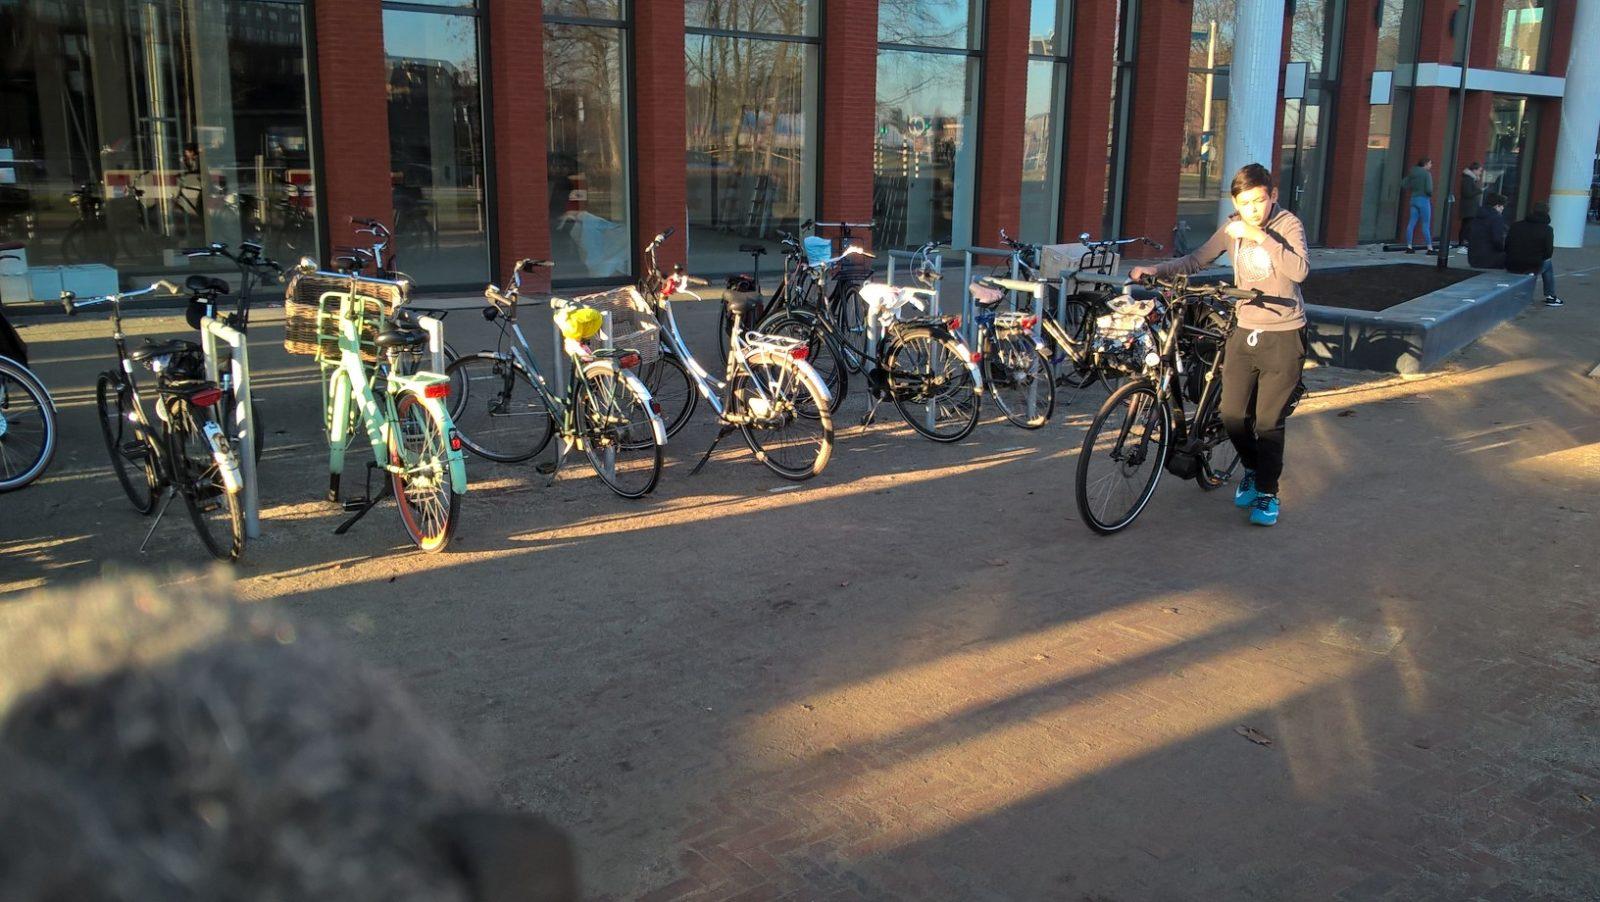 Foto: Pathé bioscoop Zwolle voordat het druk werd.